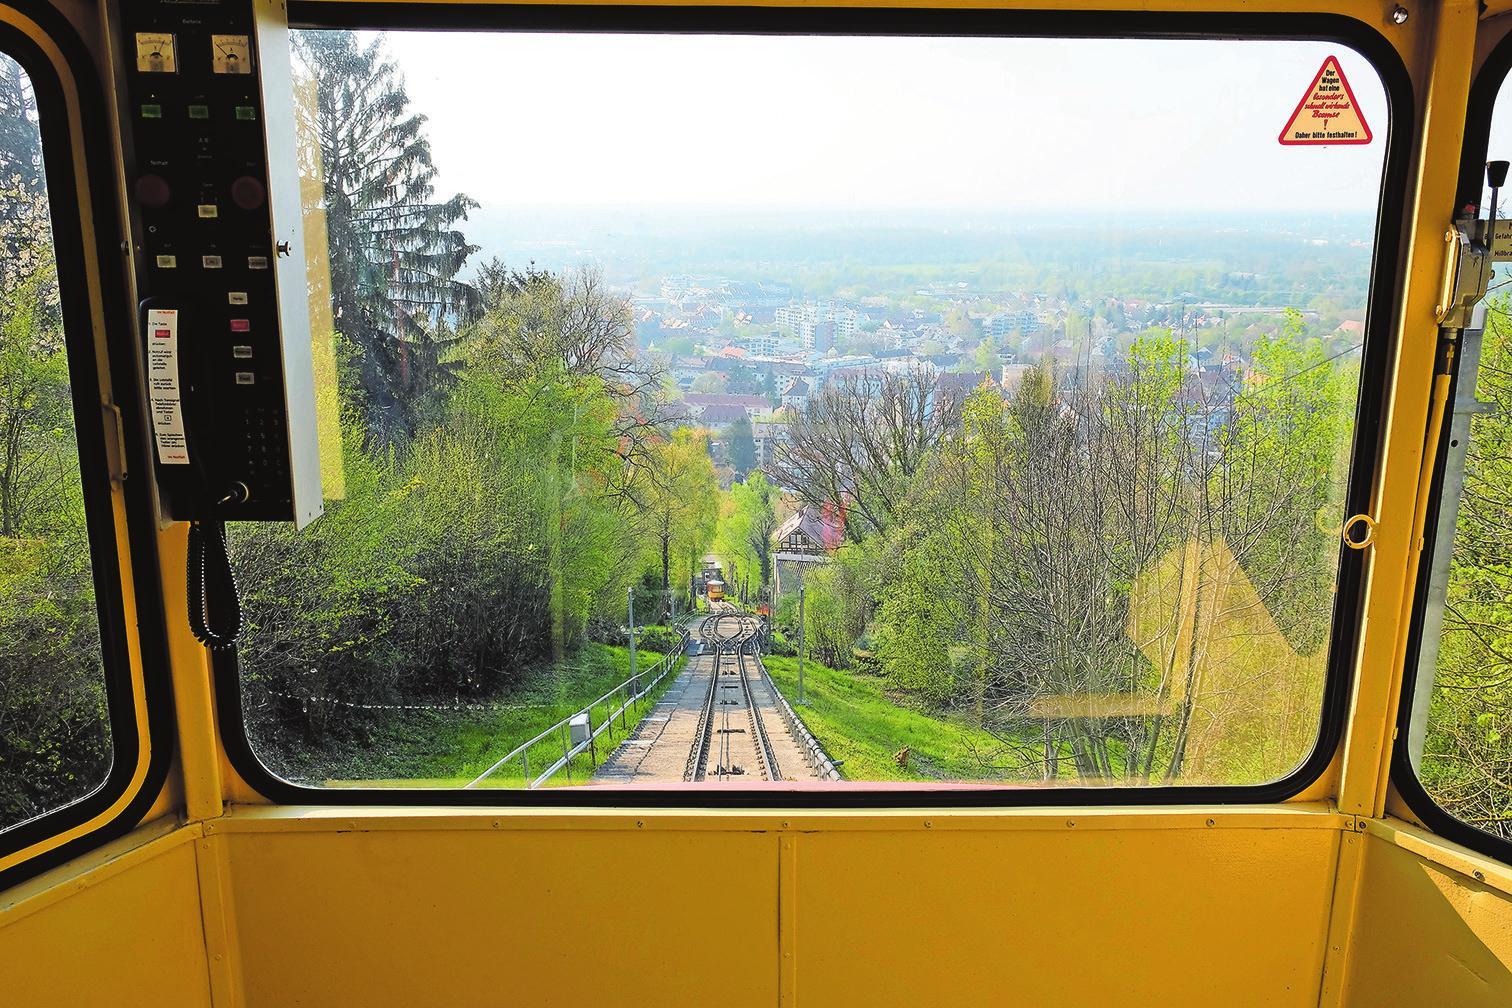 Unten links: Meter für Meter wird der Ausblick auf und über Karlsruhe bei der Fahrt mit der Turmbergbahn größer. Wunderbar. Fotos: tkn